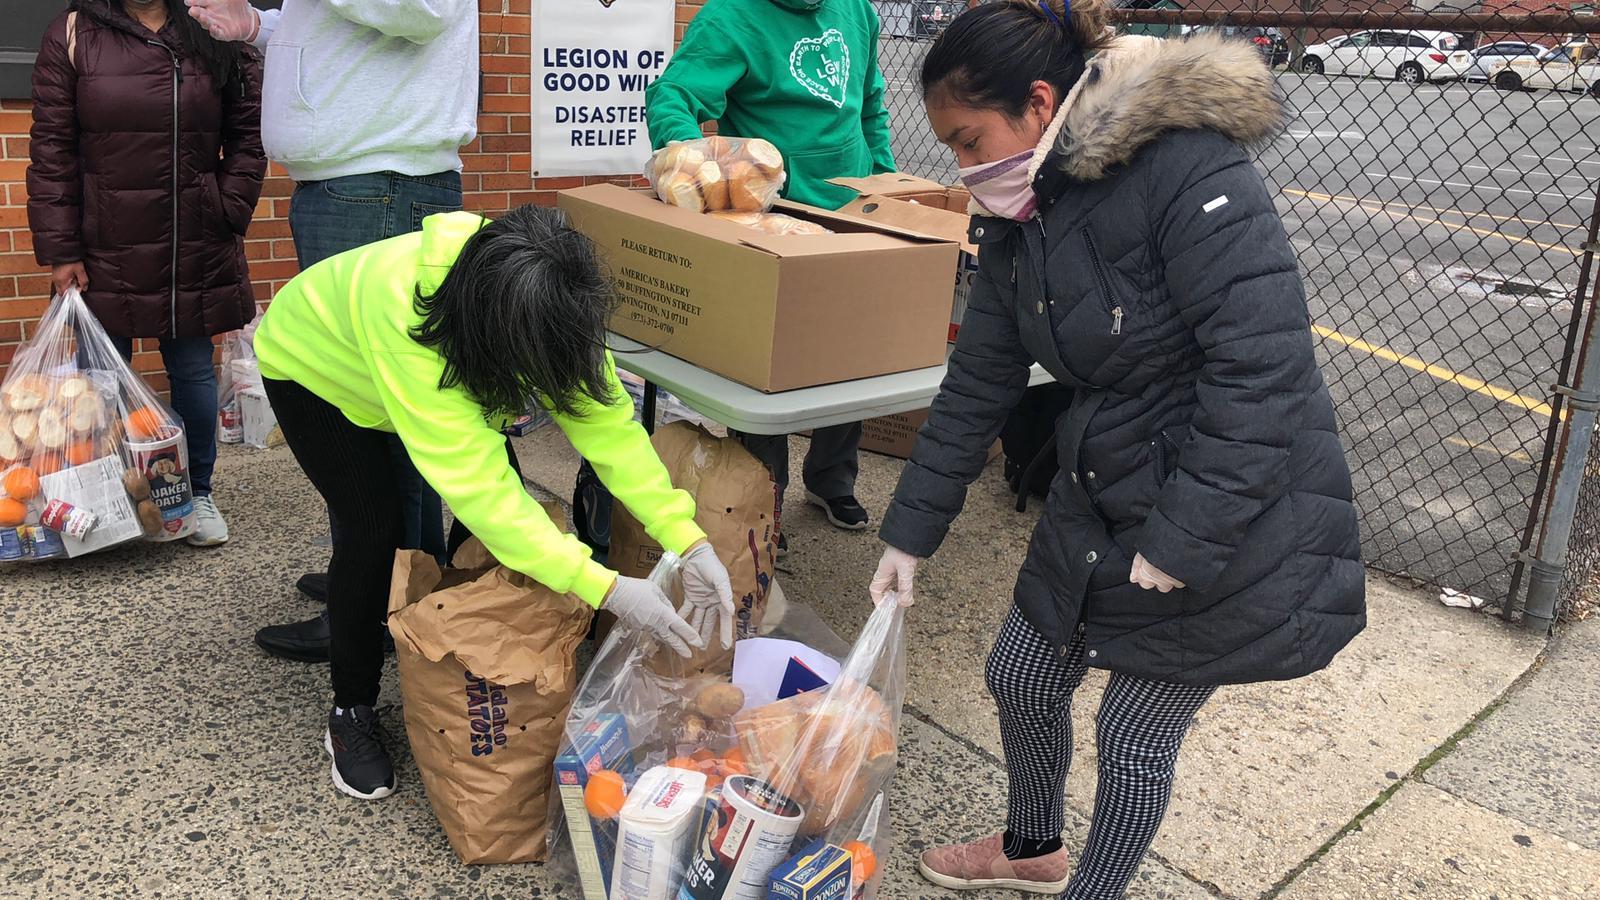 Ação solidária da LBV socorre famílias com cesta básica em Newark (NJ)